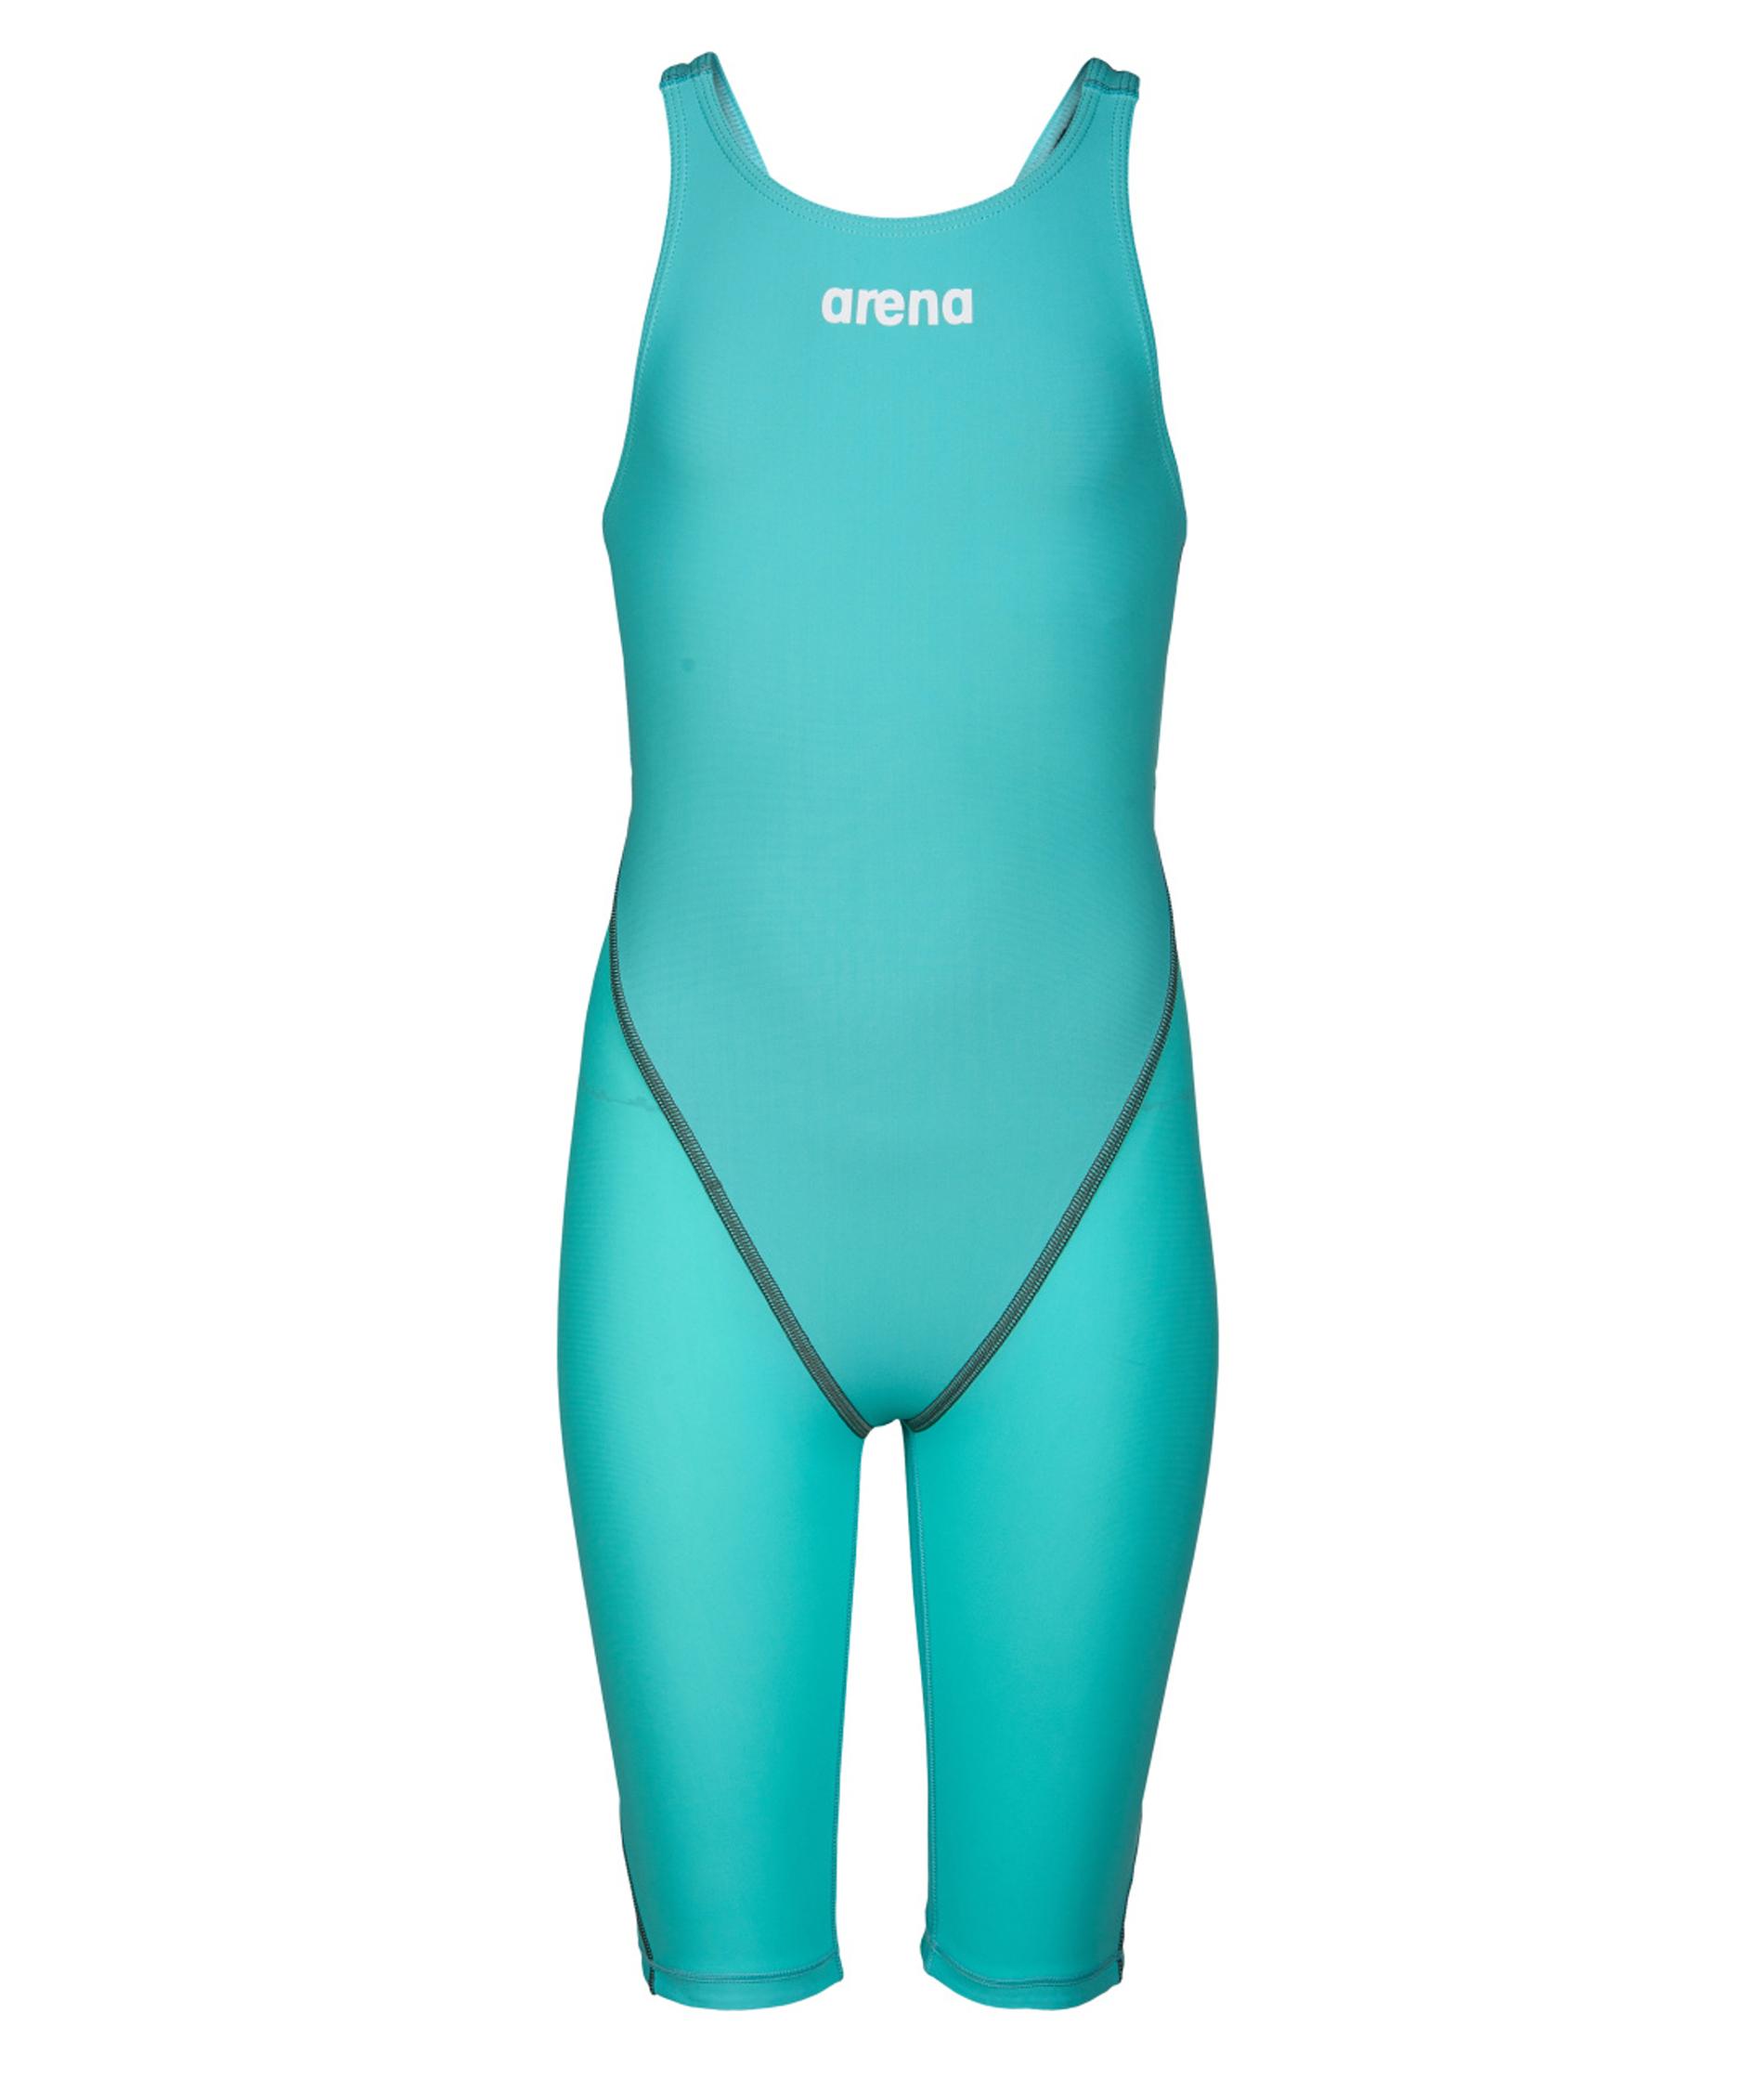 Arena Junior Girls Powerskin ST 2.0 Knee Skin - Aquamarine